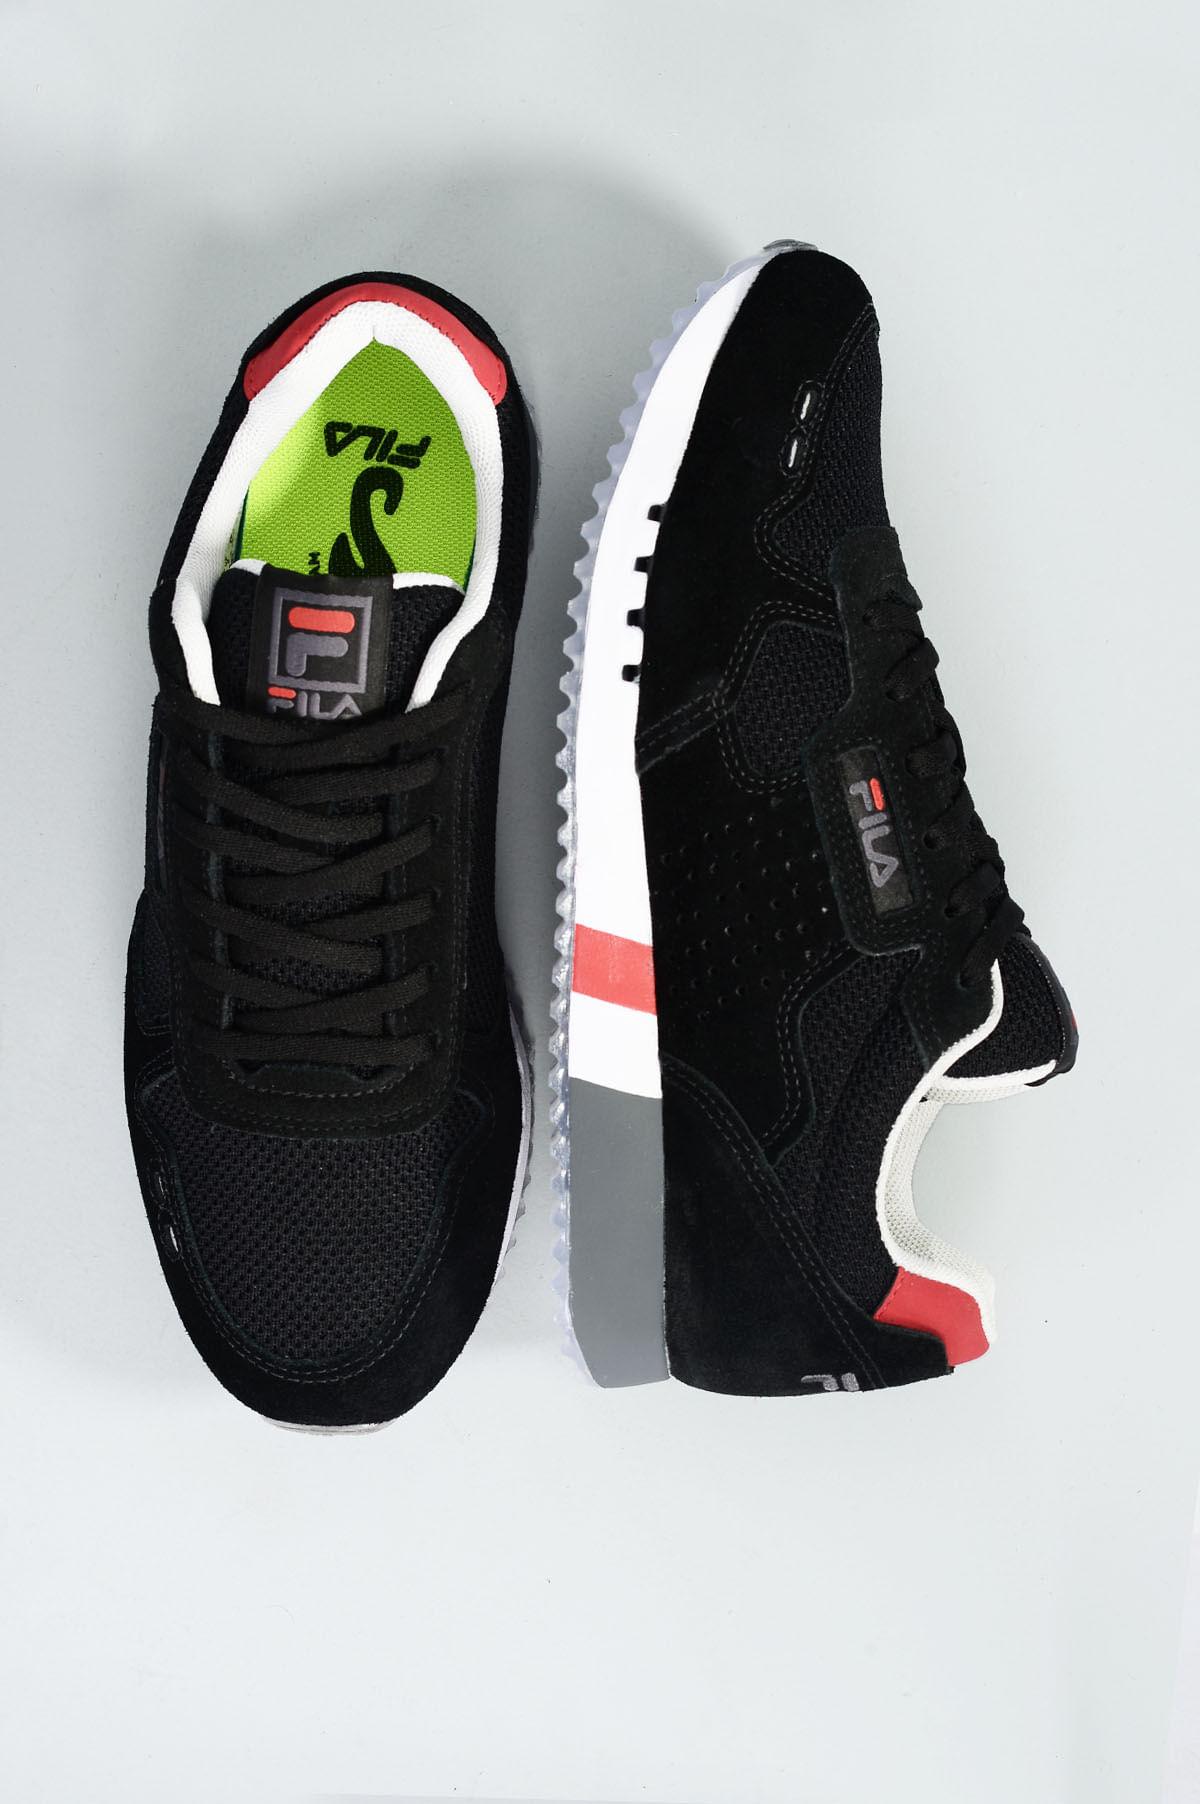 d5ef92e1422 Tênis Masculino Fila Classic 92 Ss CAM - PRETO - Mundial Calçados